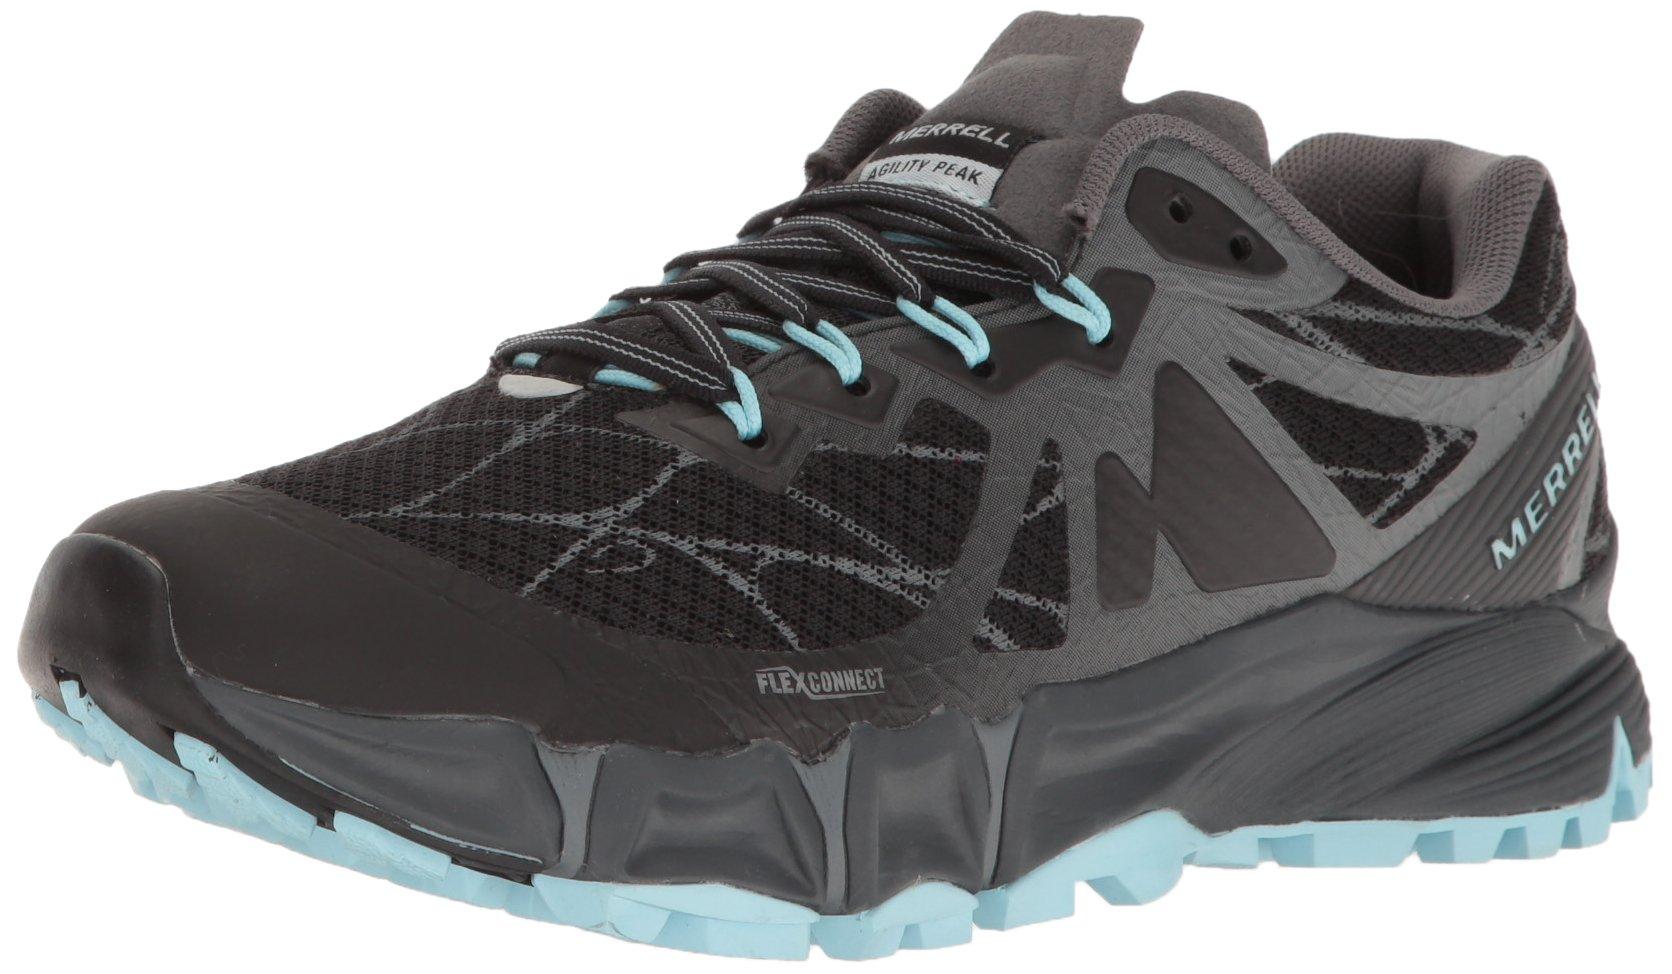 Merrell Women's Agility Peak Flex Trail Runner, Black, 8.5 M US